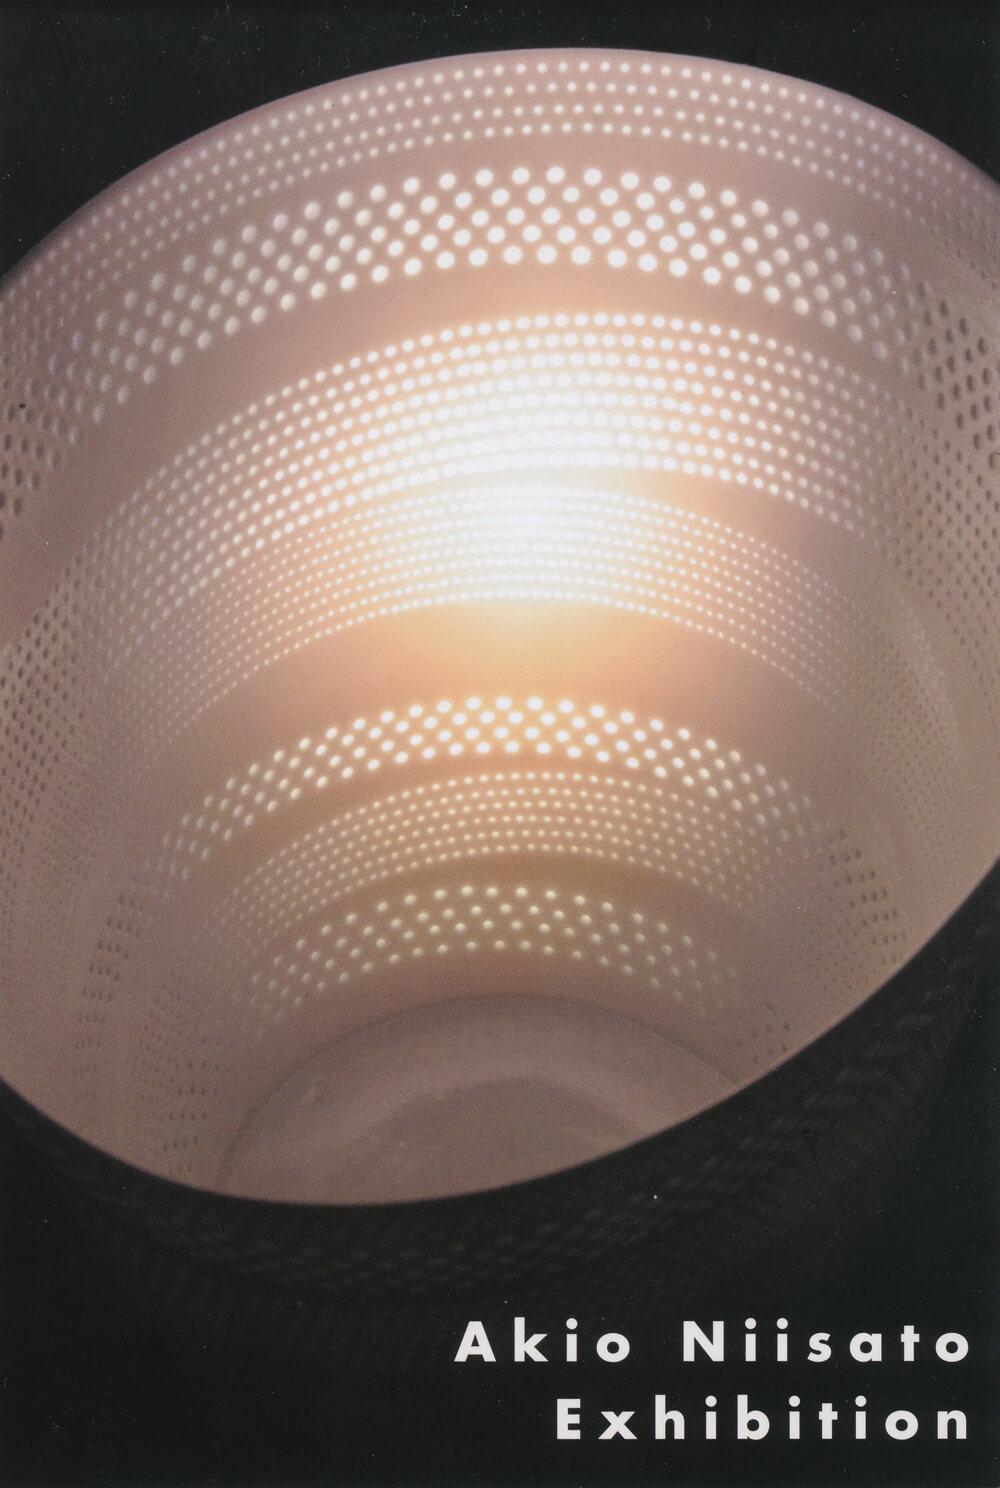 2010年6月25日から開催の「新里 明士 陶展」のDM画像